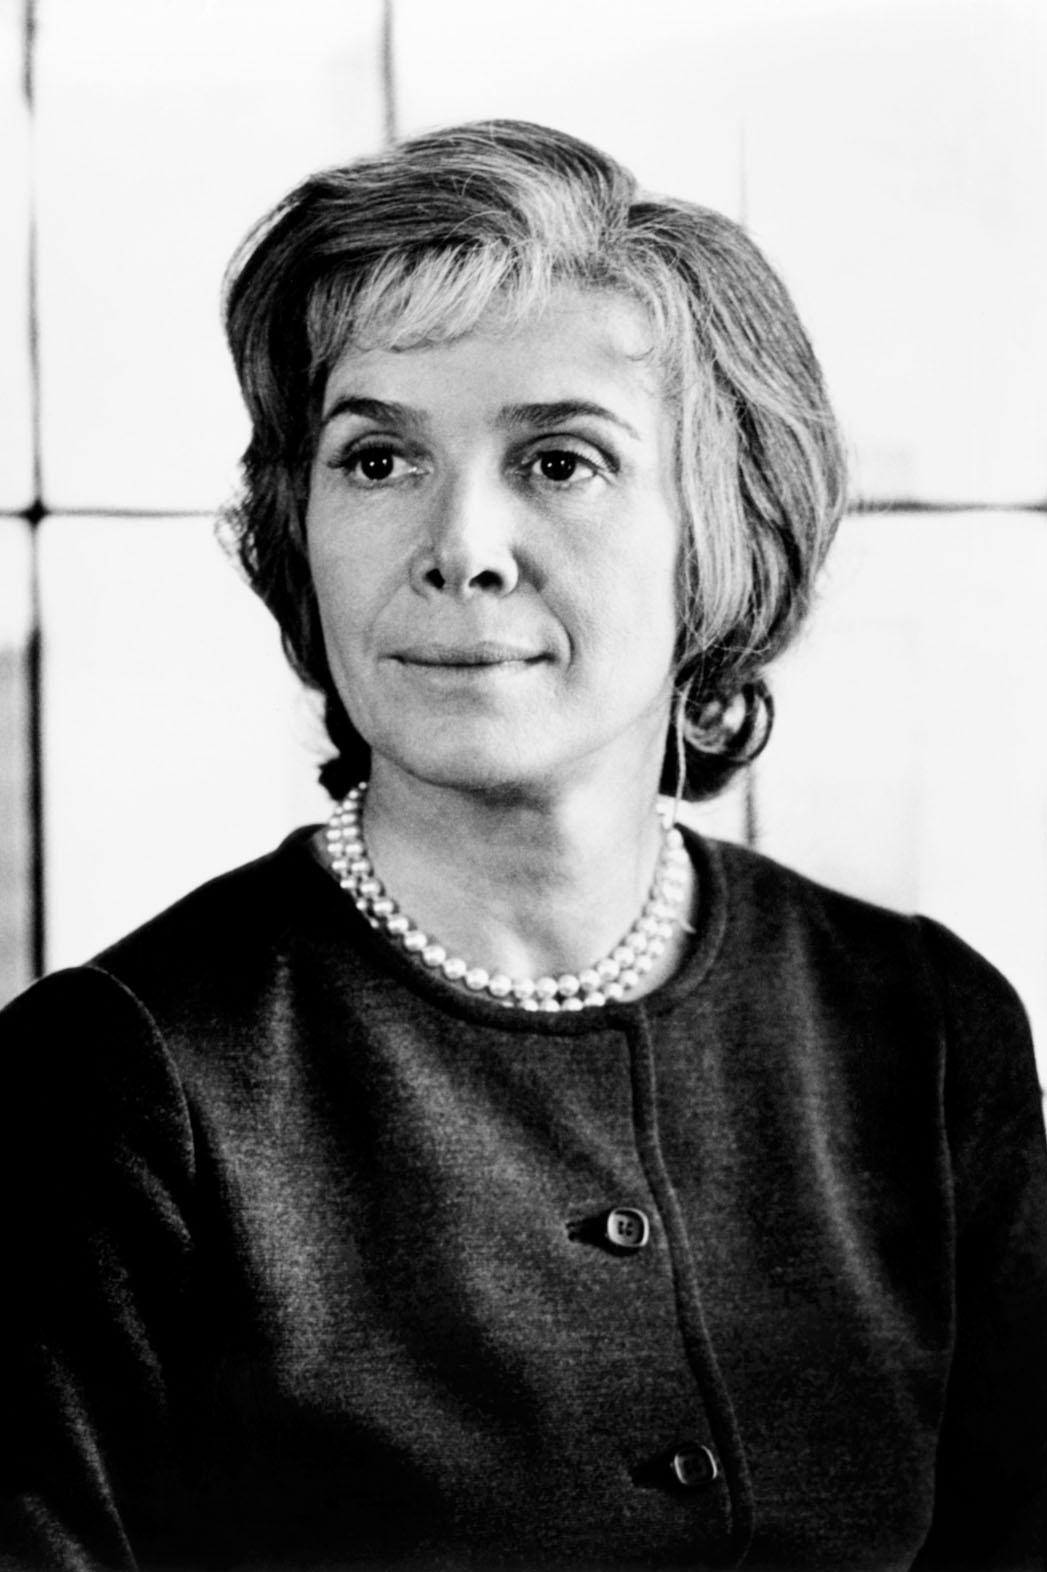 Rosemary Murphy Headshot - P 2014